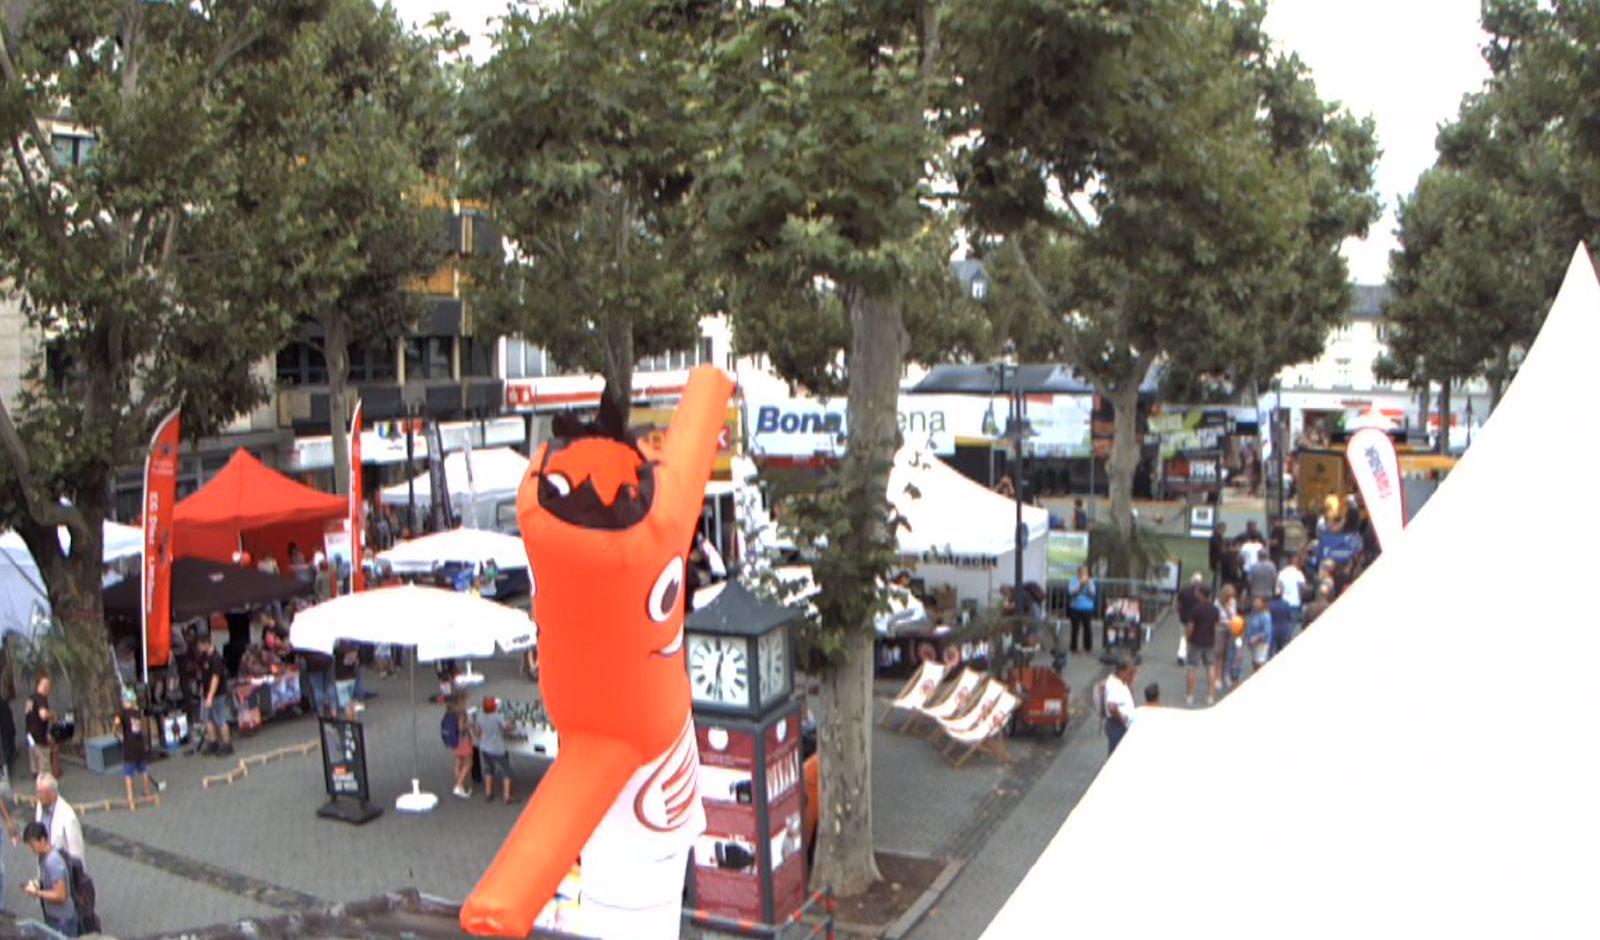 Limburger Wochenmarkt in City